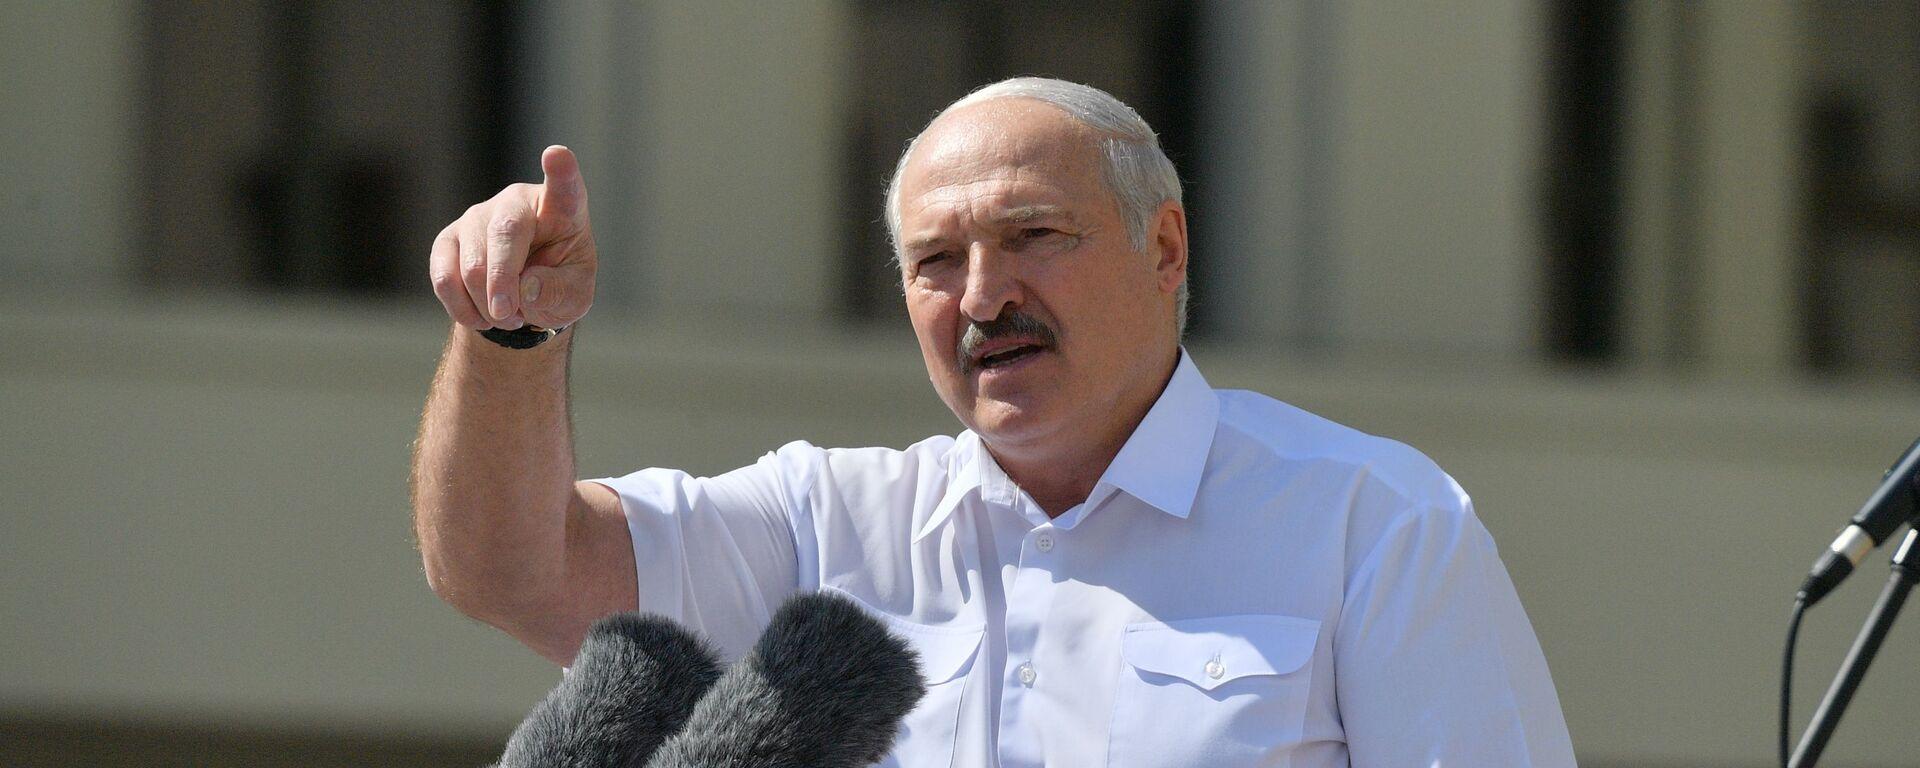 Alexandr Lukašenko - Sputnik Česká republika, 1920, 05.08.2021